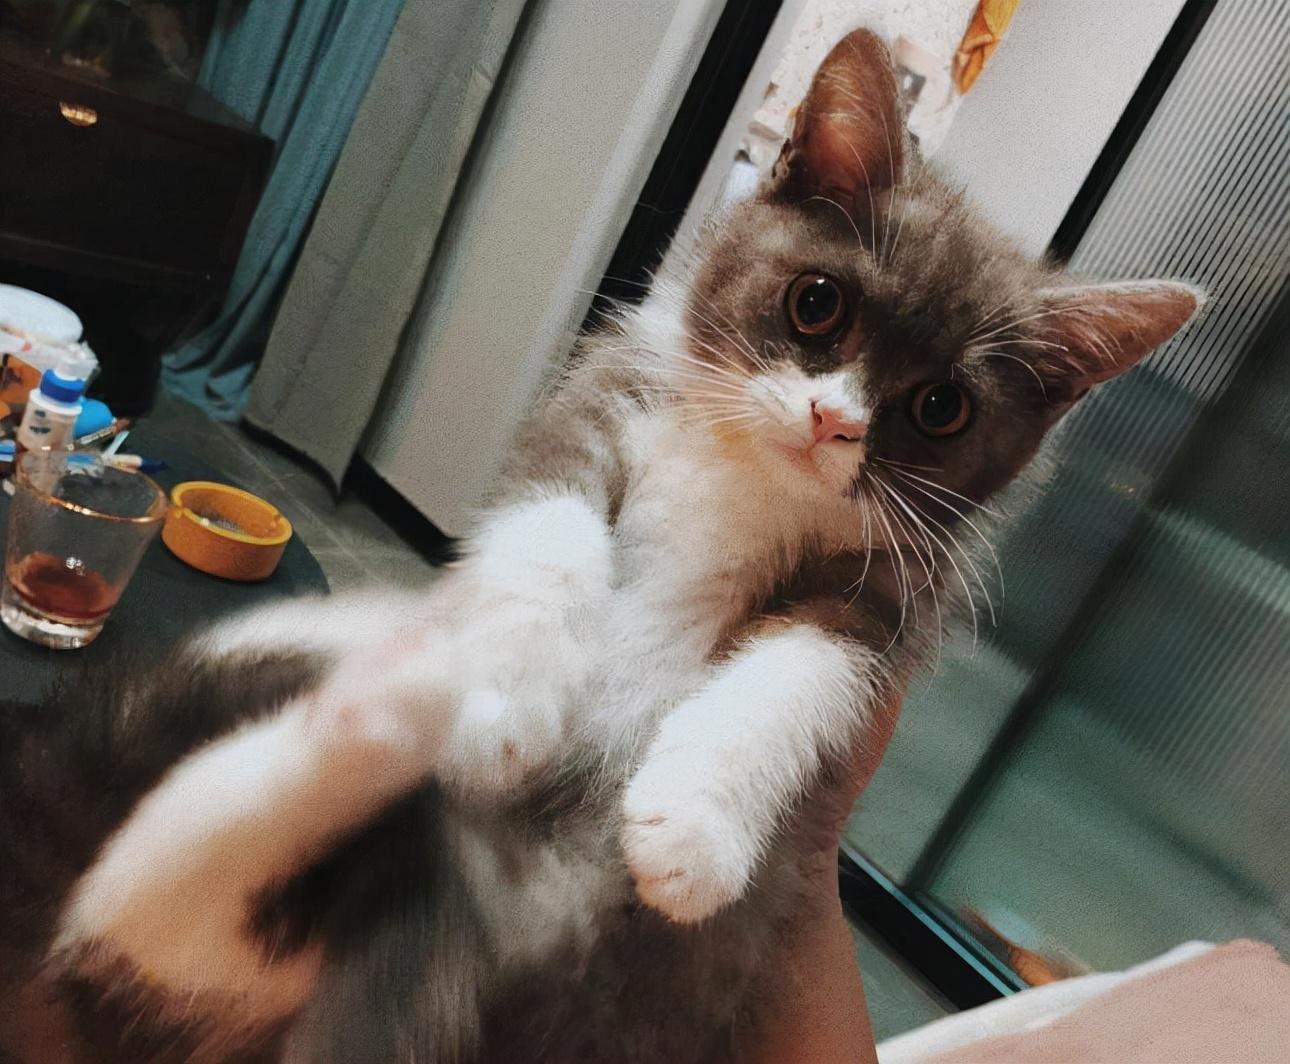 买猫要注意什么(买猫回来需要注意什么)插图(1)